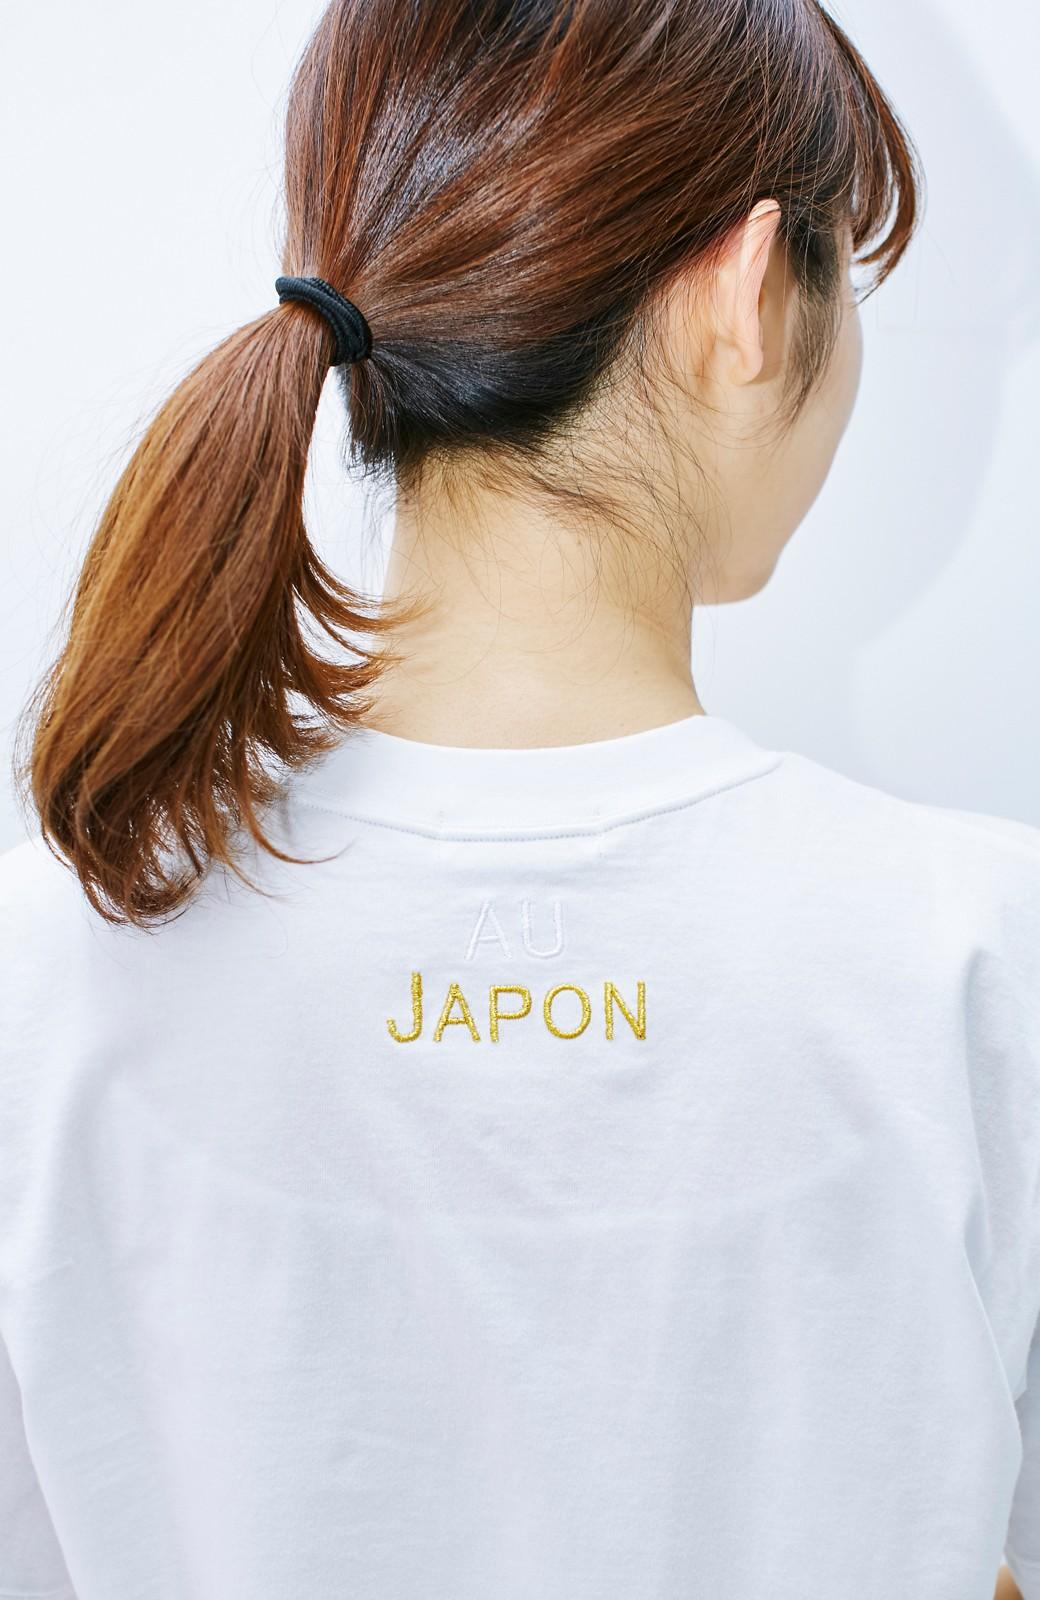 haco! てとひとて KANA MATSUNAMI チャリティーTシャツ <japon> <ホワイト>の商品写真4